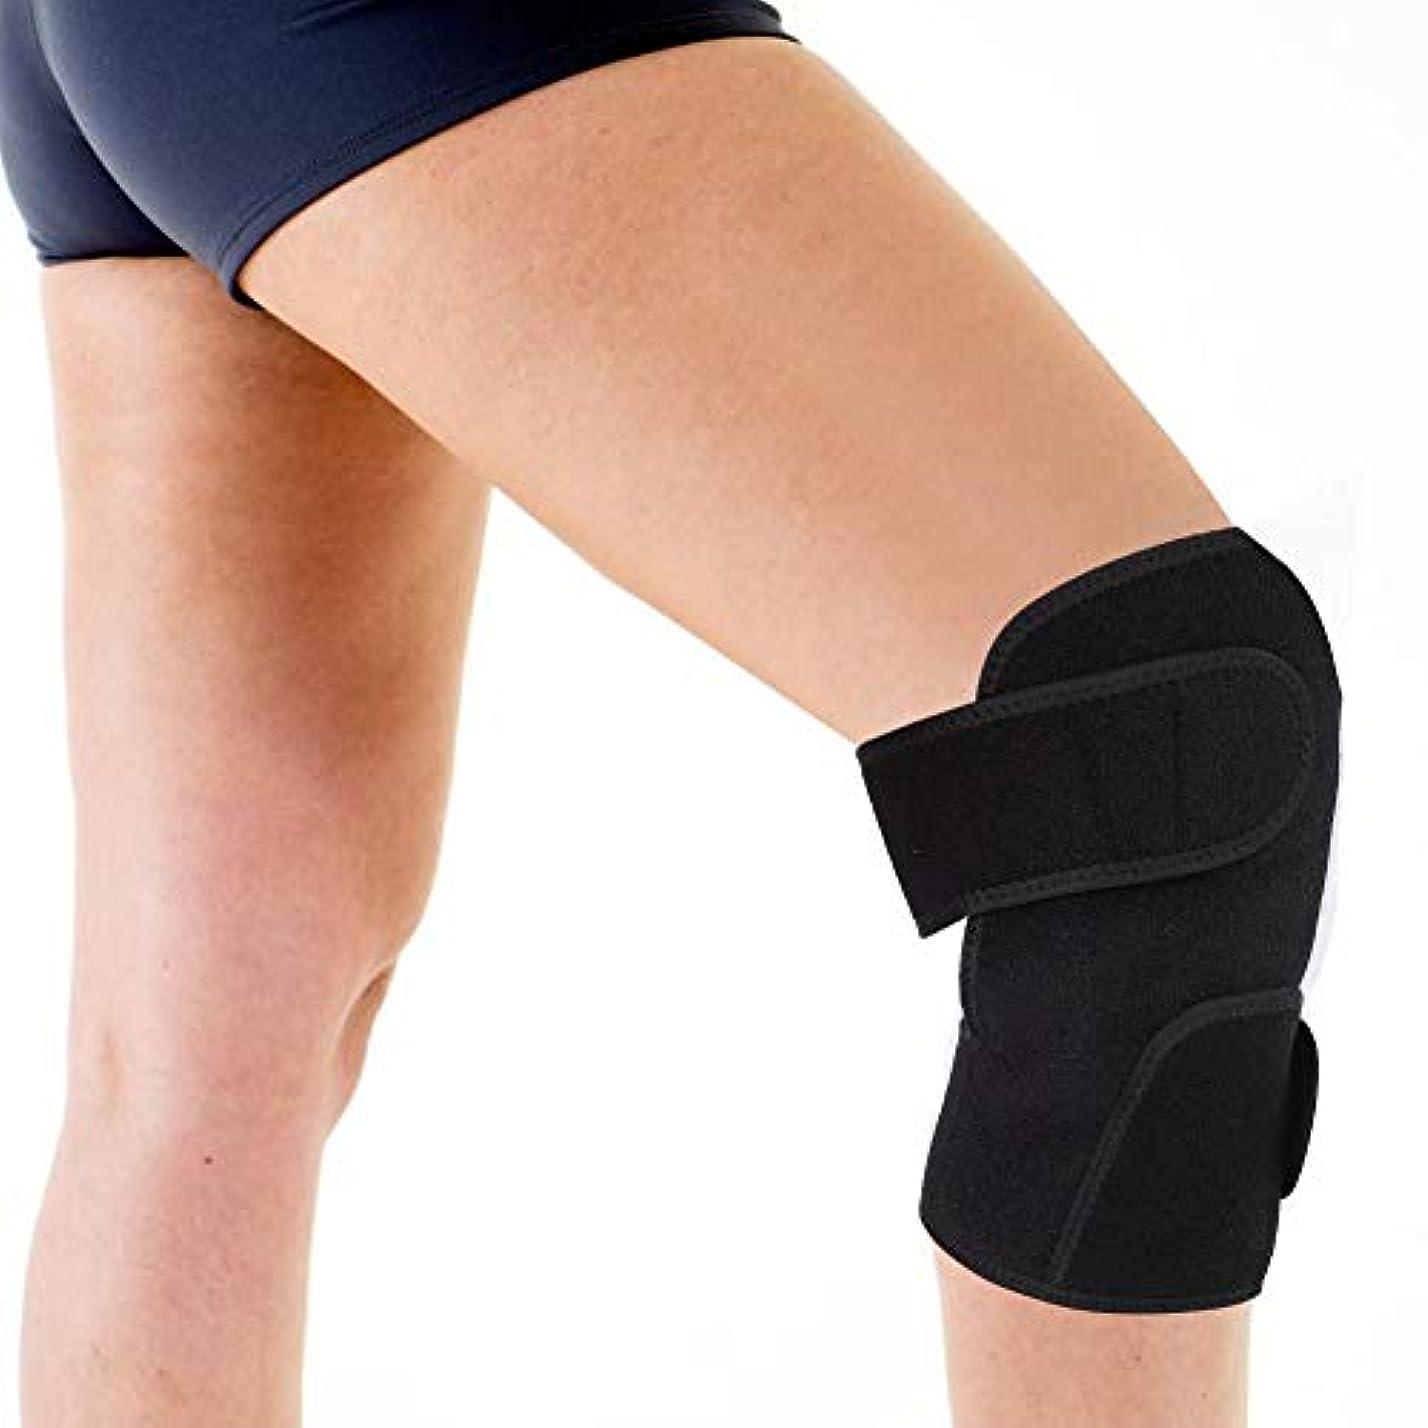 のぞき穴申し立て精度加熱膝パッド、電熱膝ブレース加熱保温のための柔軟な機動性を備えた鎮痛膝サポートコンプレッサー